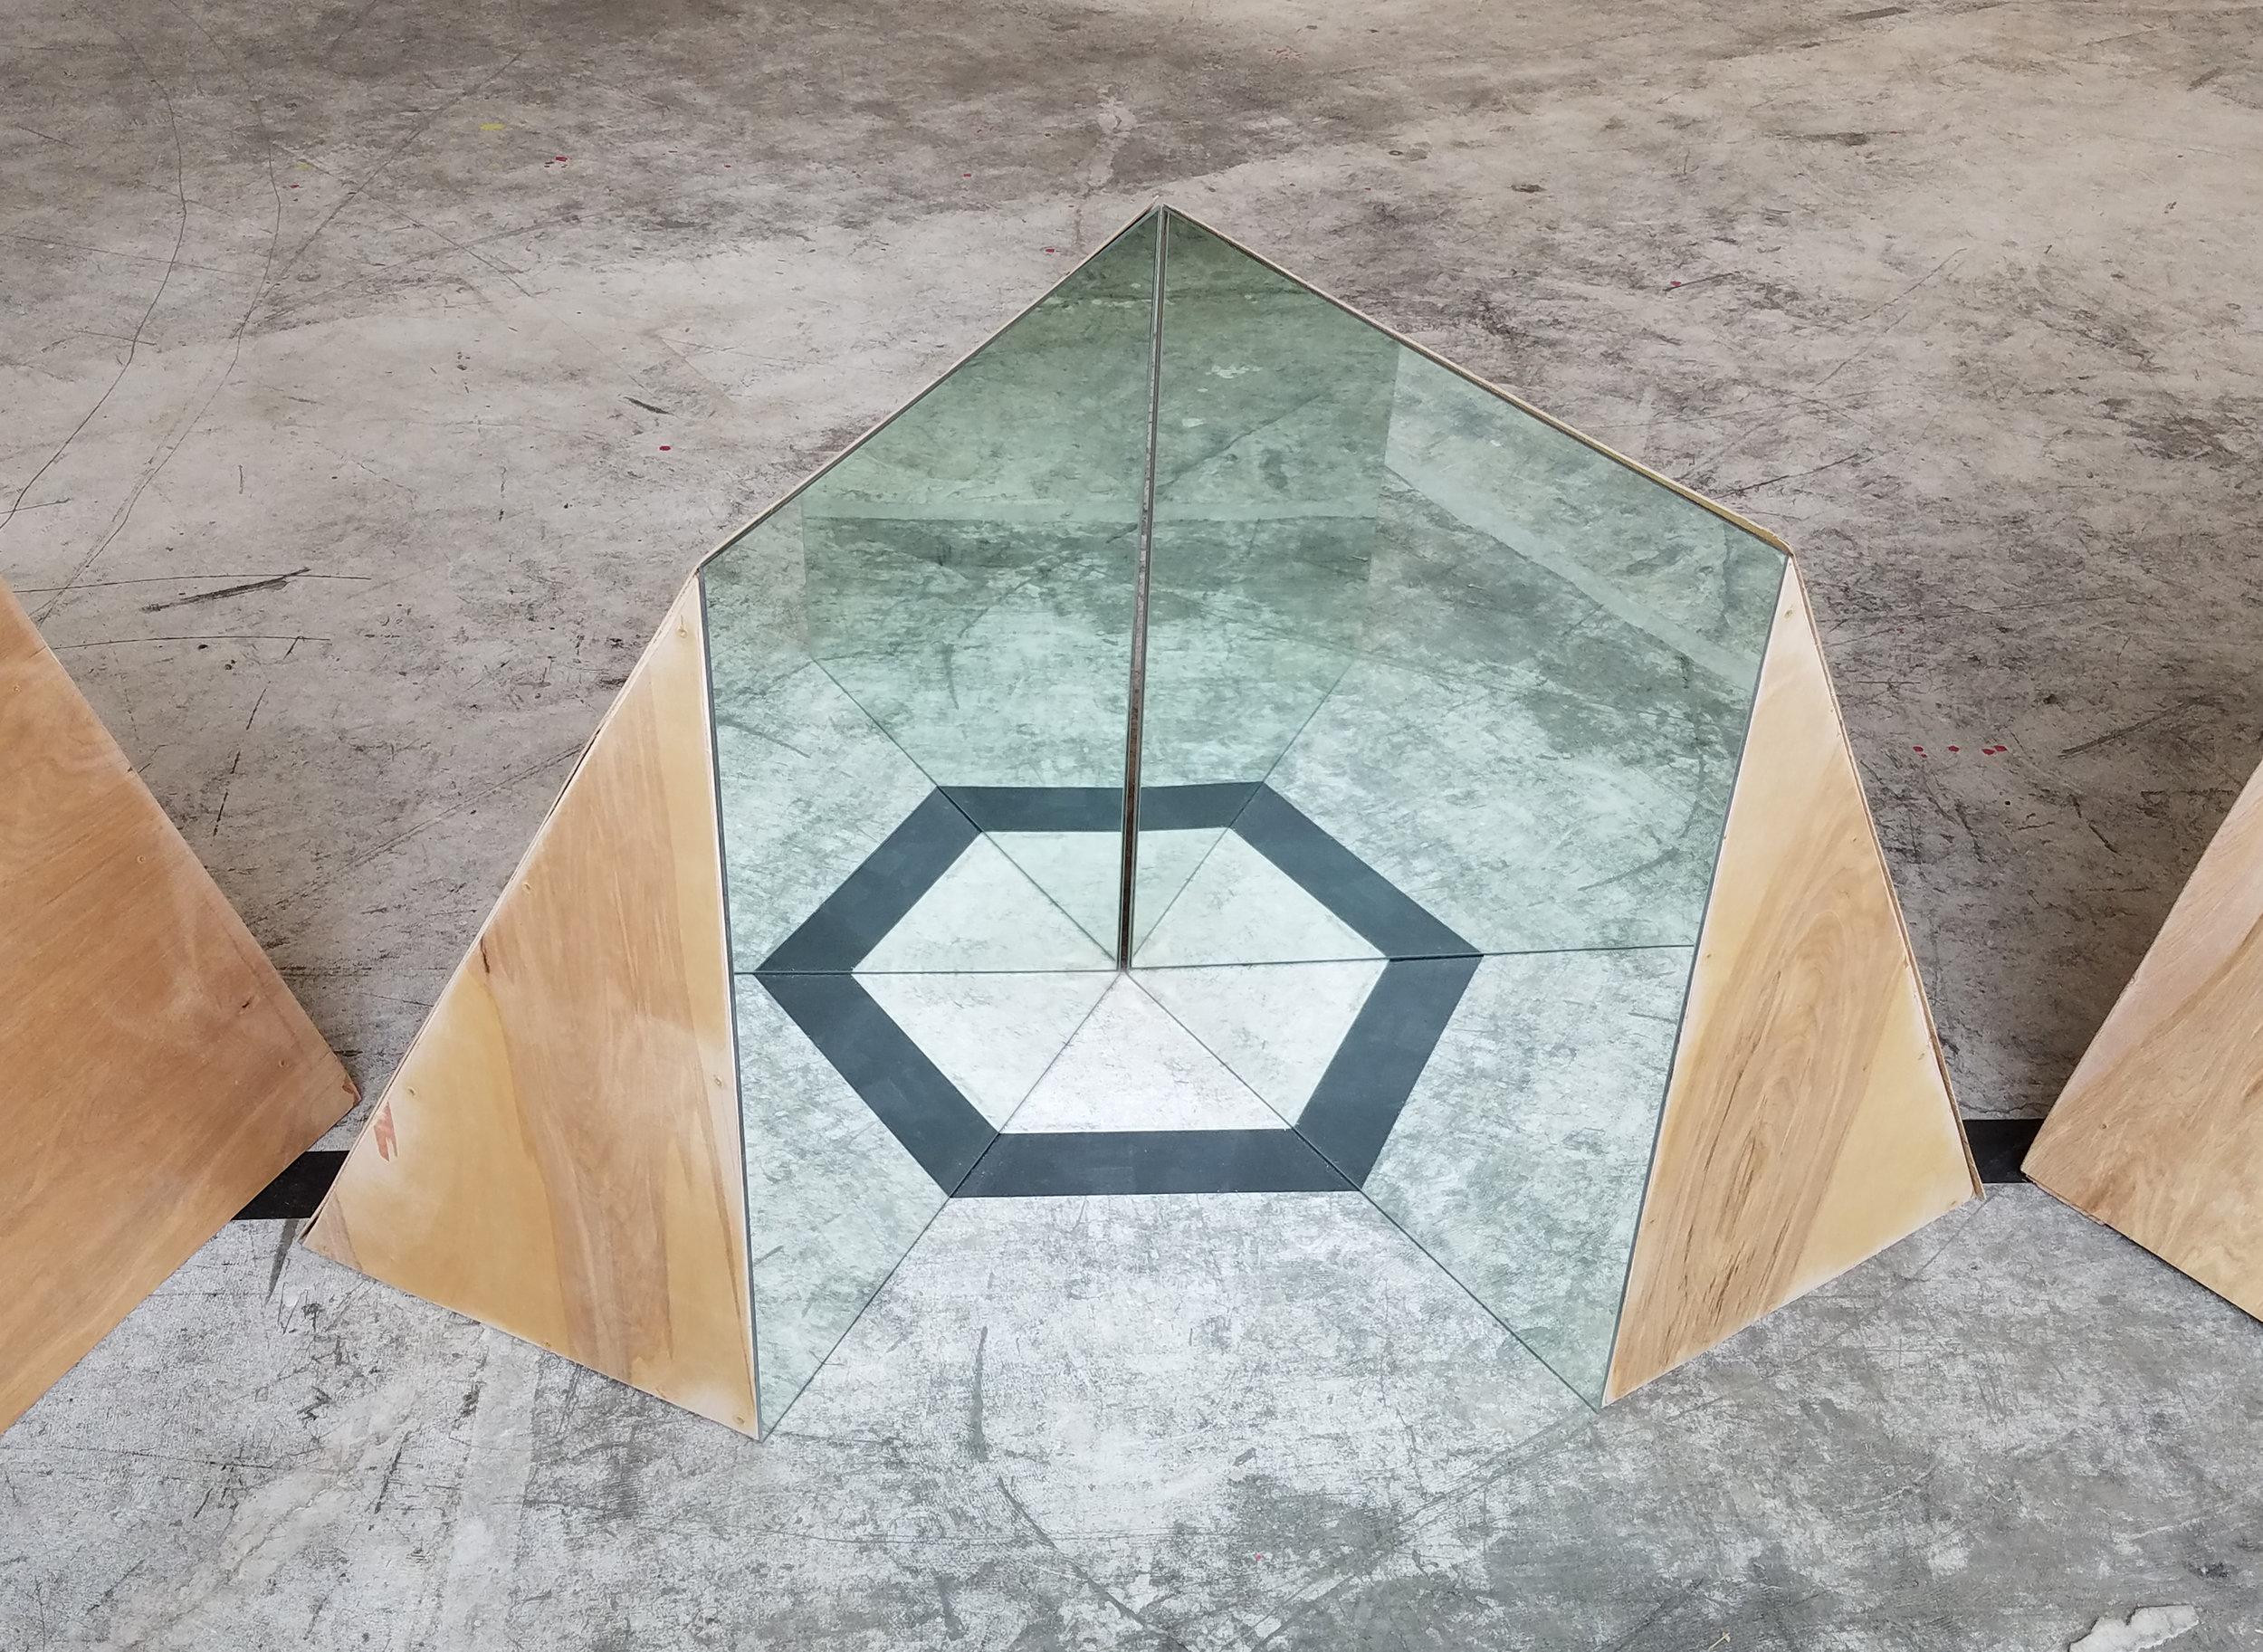 """Vertices  2×4s, plywood, mirrors, Gaff tape 2017 36"""" × 36""""× 1080""""(entire installation) Derek Frankhouser"""